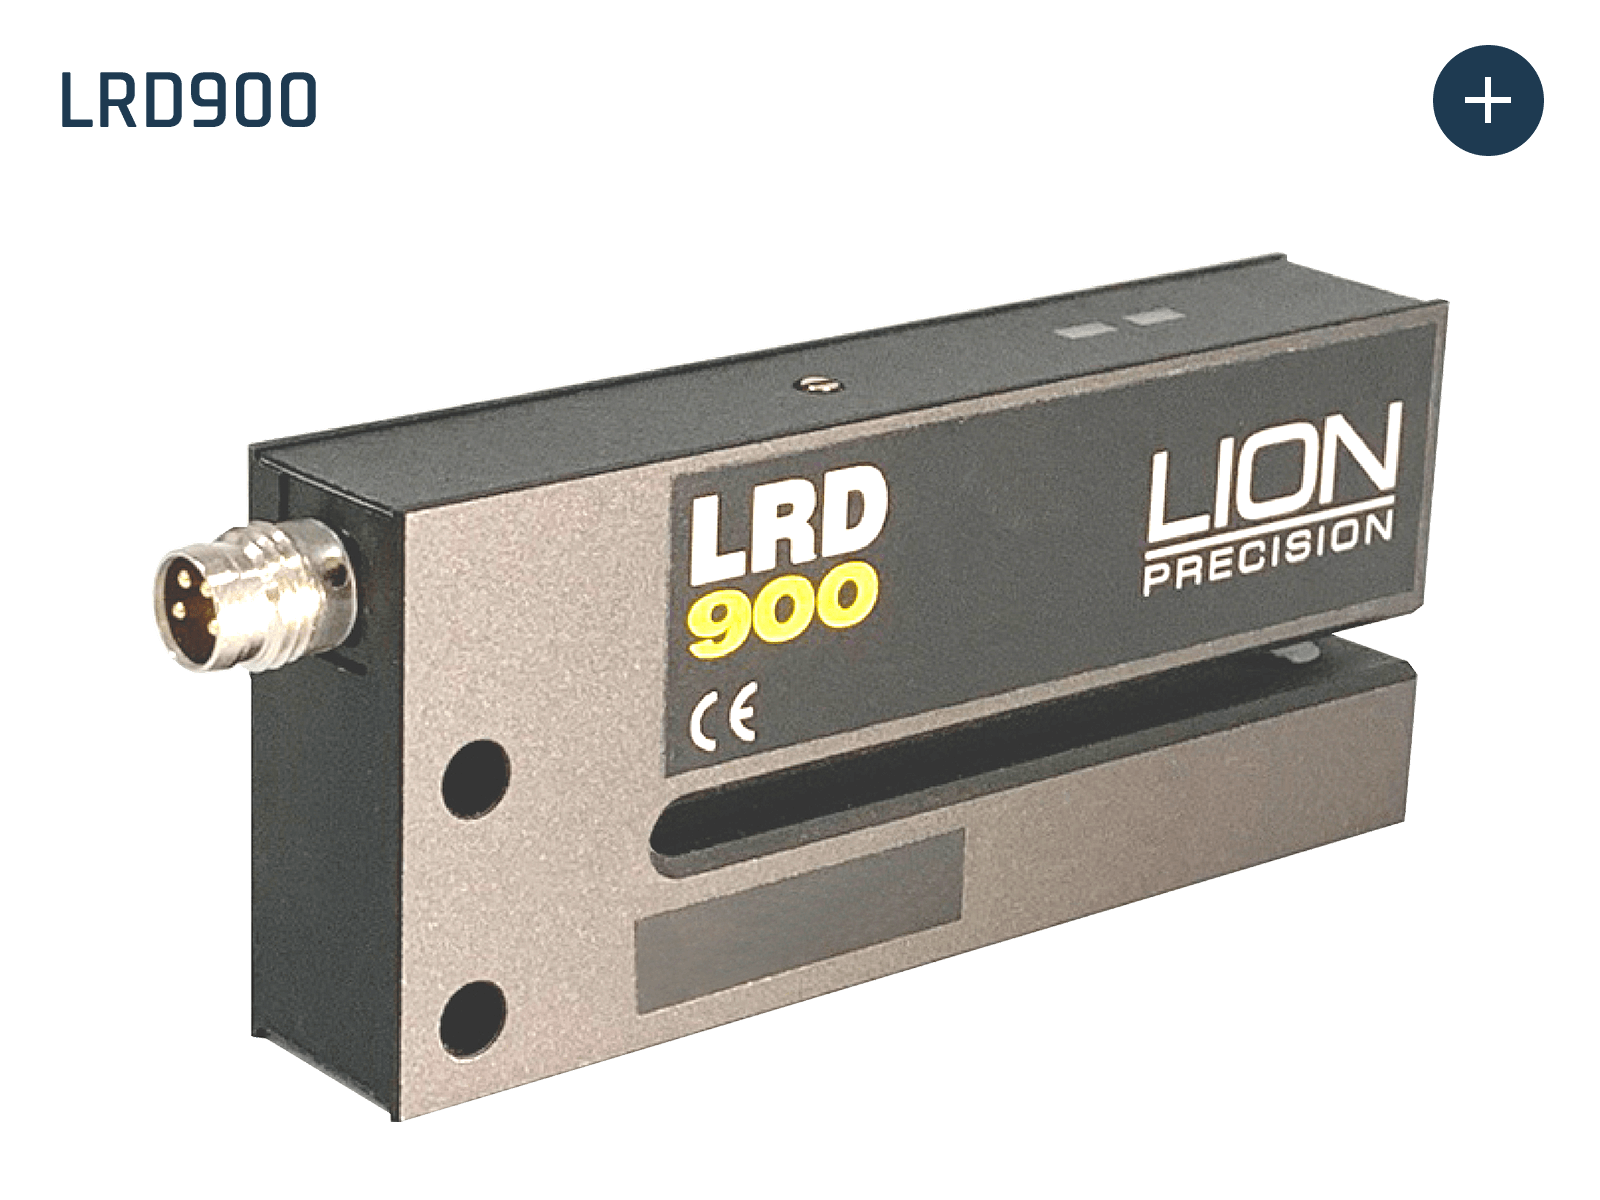 LRD900